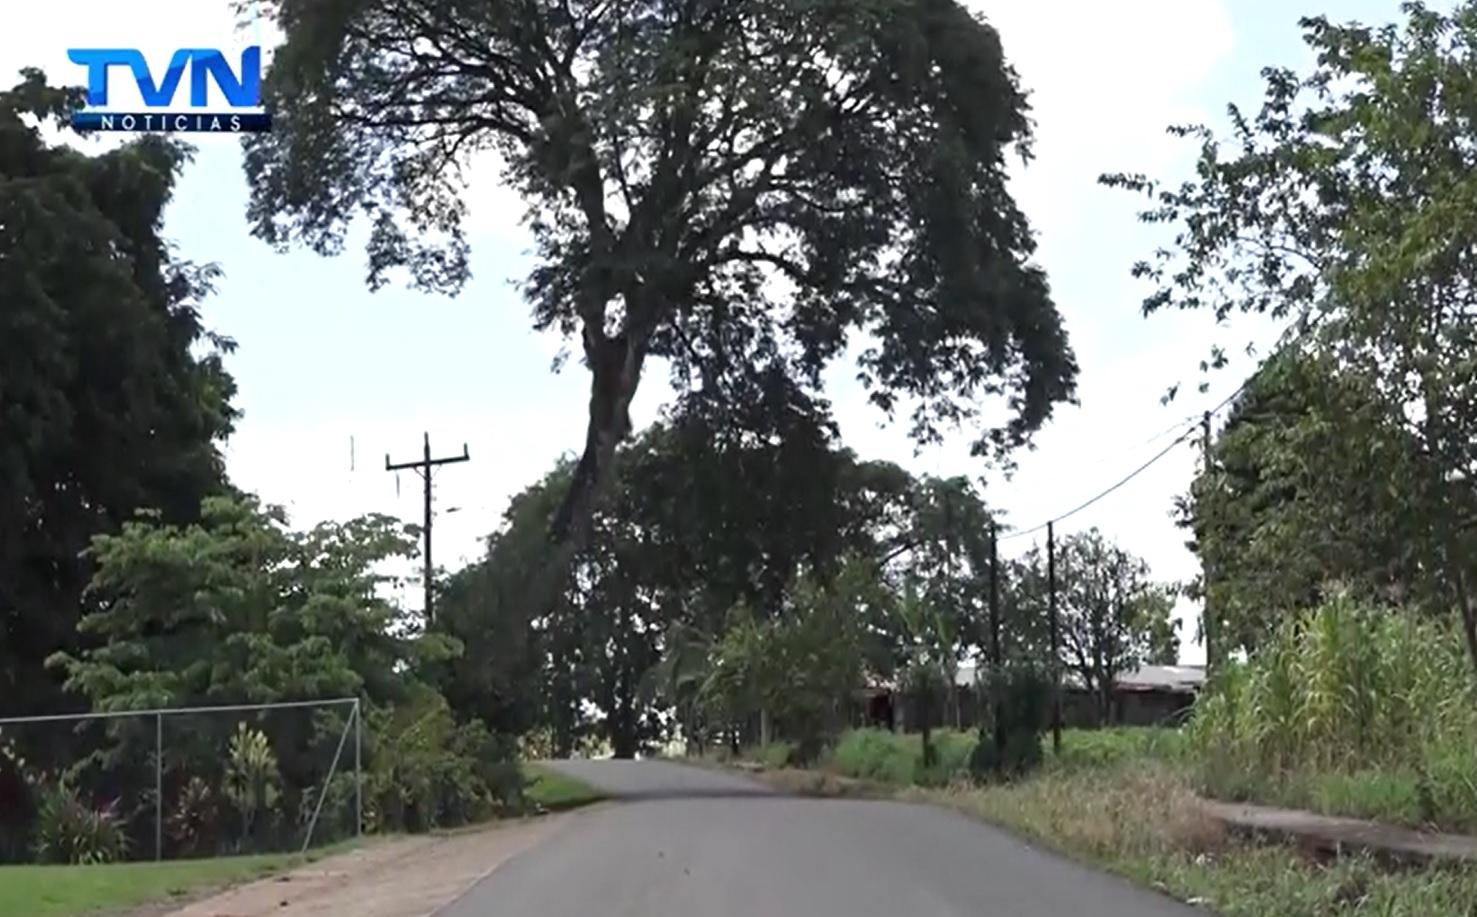 En Rincones de Mí Tierra, conoceremos uno de los pueblos más calientes de la zona norte, que irónicamente lleva con nombre de Bueno Aires de Pocosol